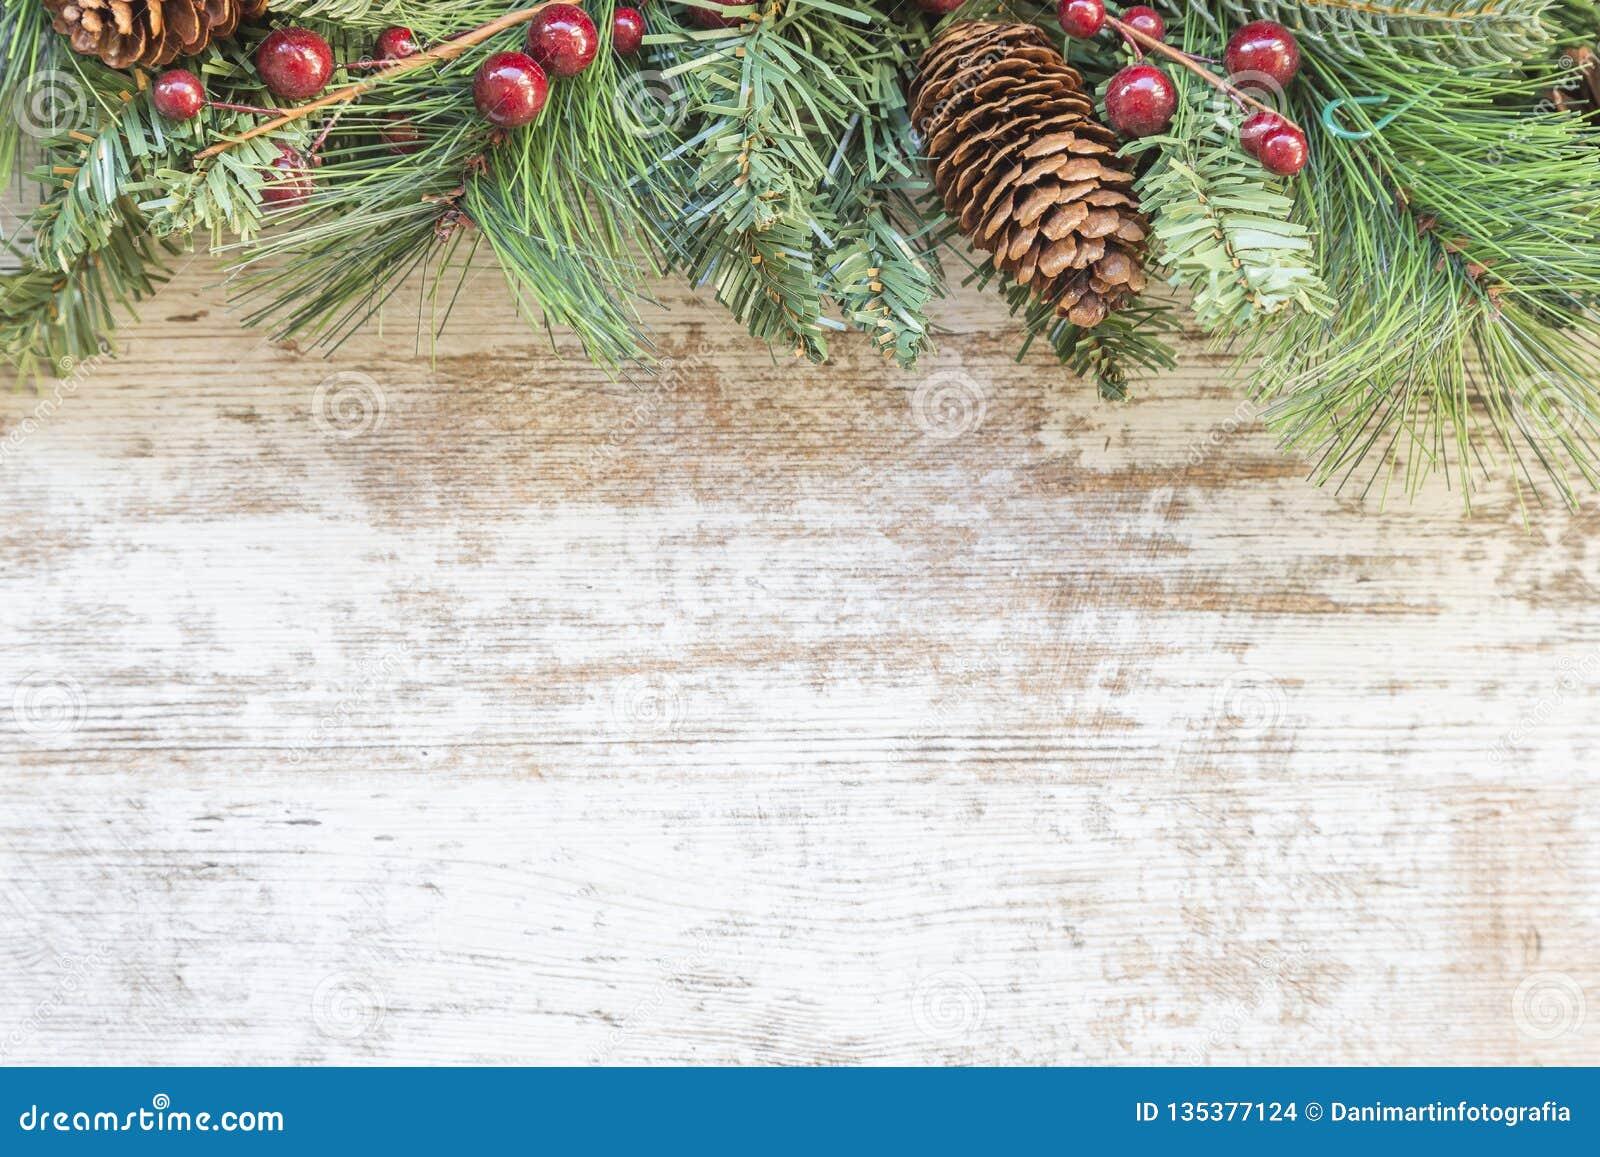 Arbre Bois Blanc Decoration fond de noël avec l'arbre de sapin, la baie rouge et la